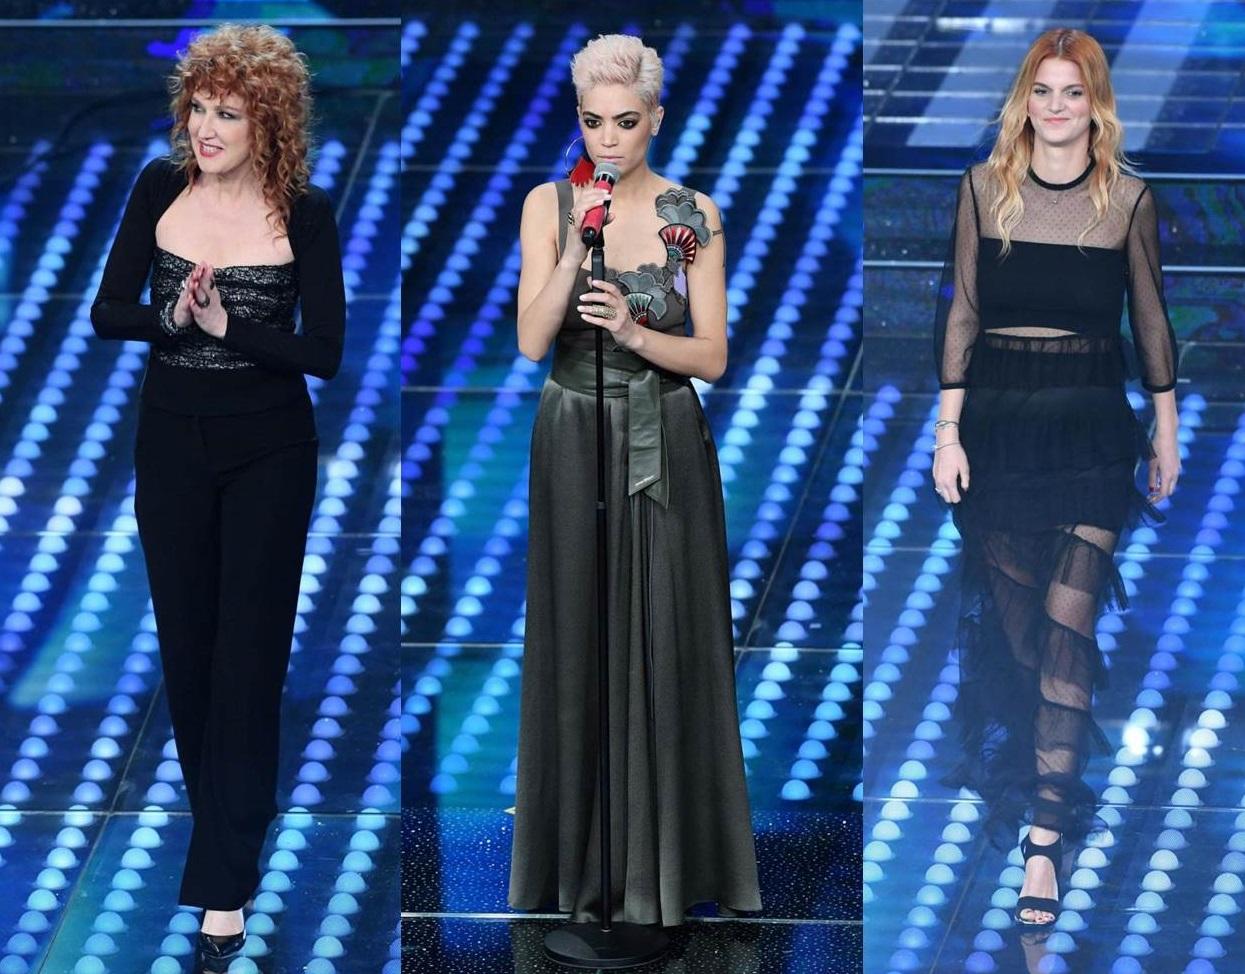 Cantanti a Sanremo 2017 terza serata look